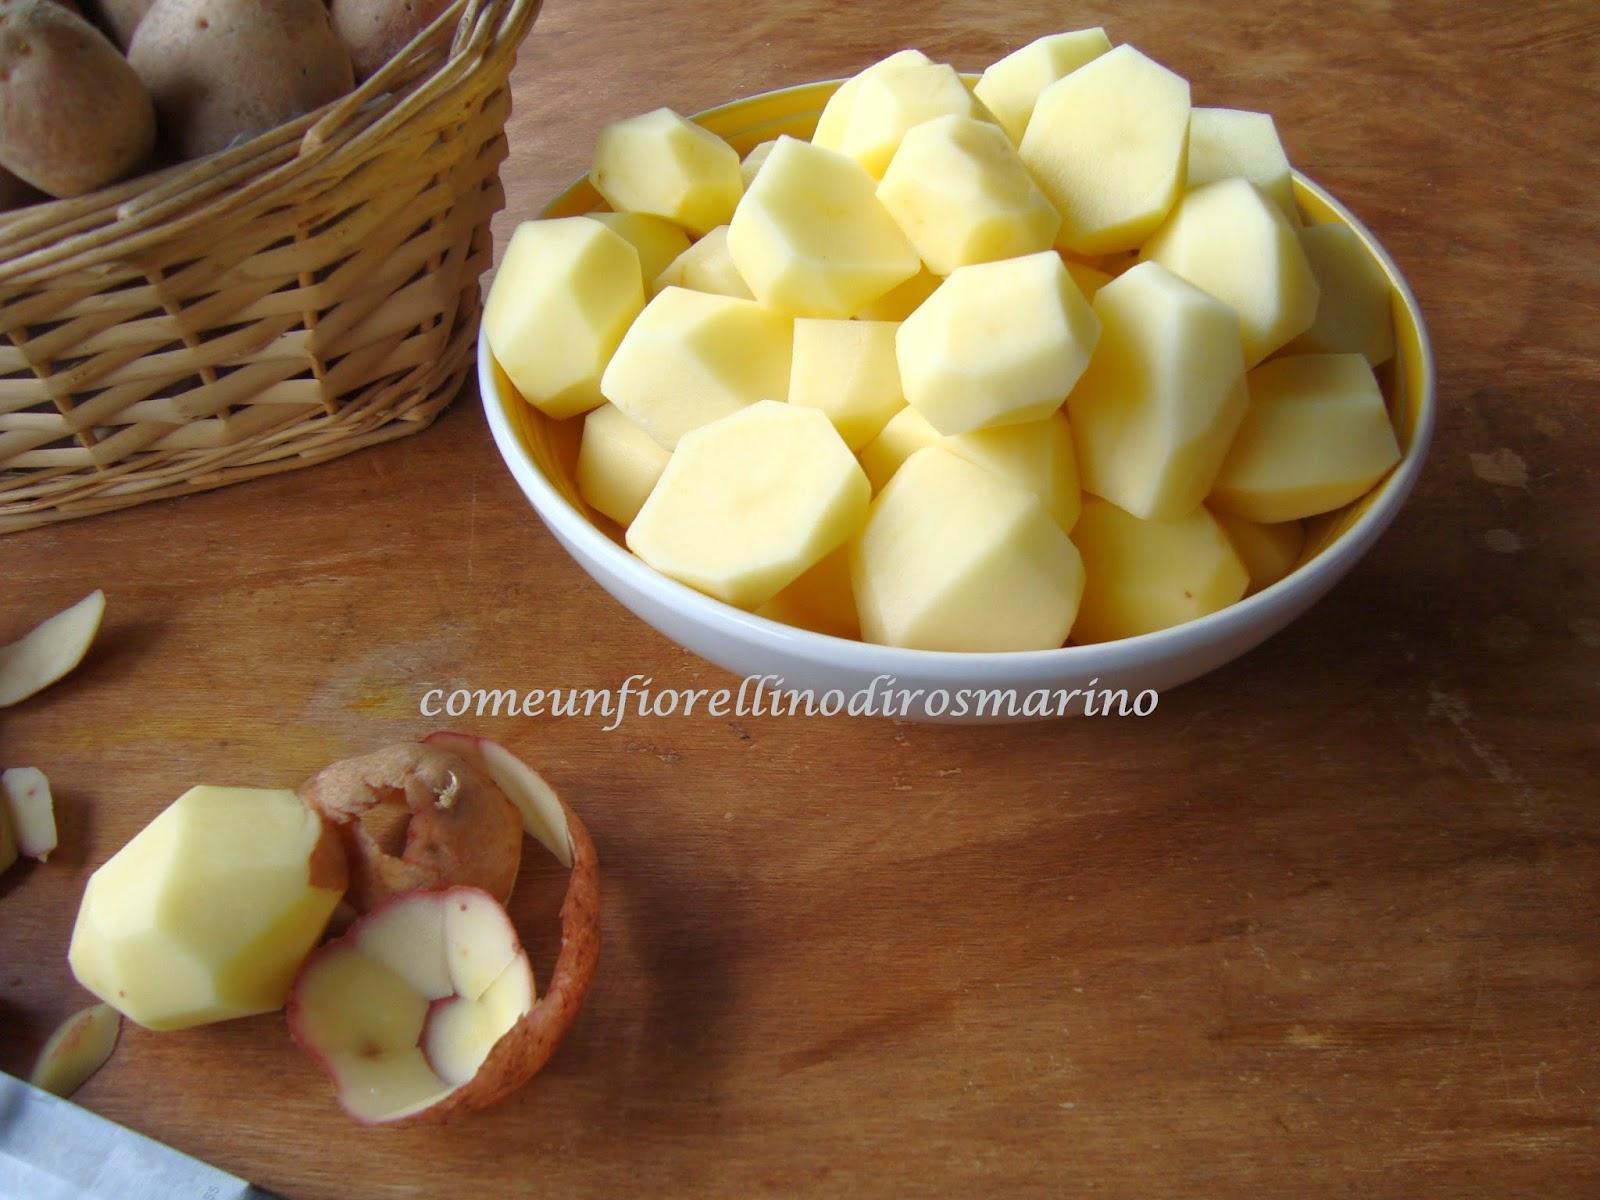 Come un fiorellino di rosmarino patate dorate e for Cosa vuol dire forno statico